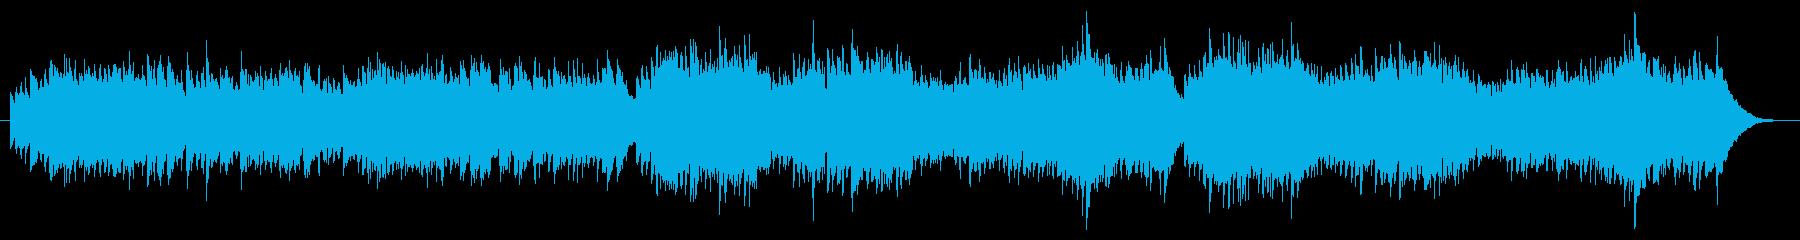 リズミカルで可愛らしいピアノ曲の再生済みの波形